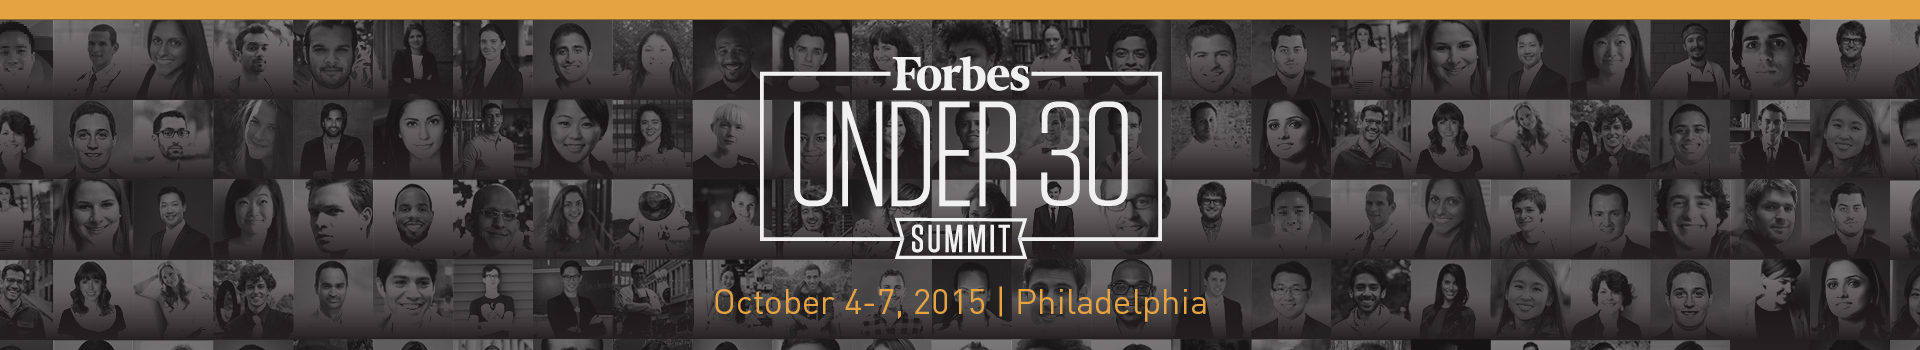 ForbesUnder302015.jpg